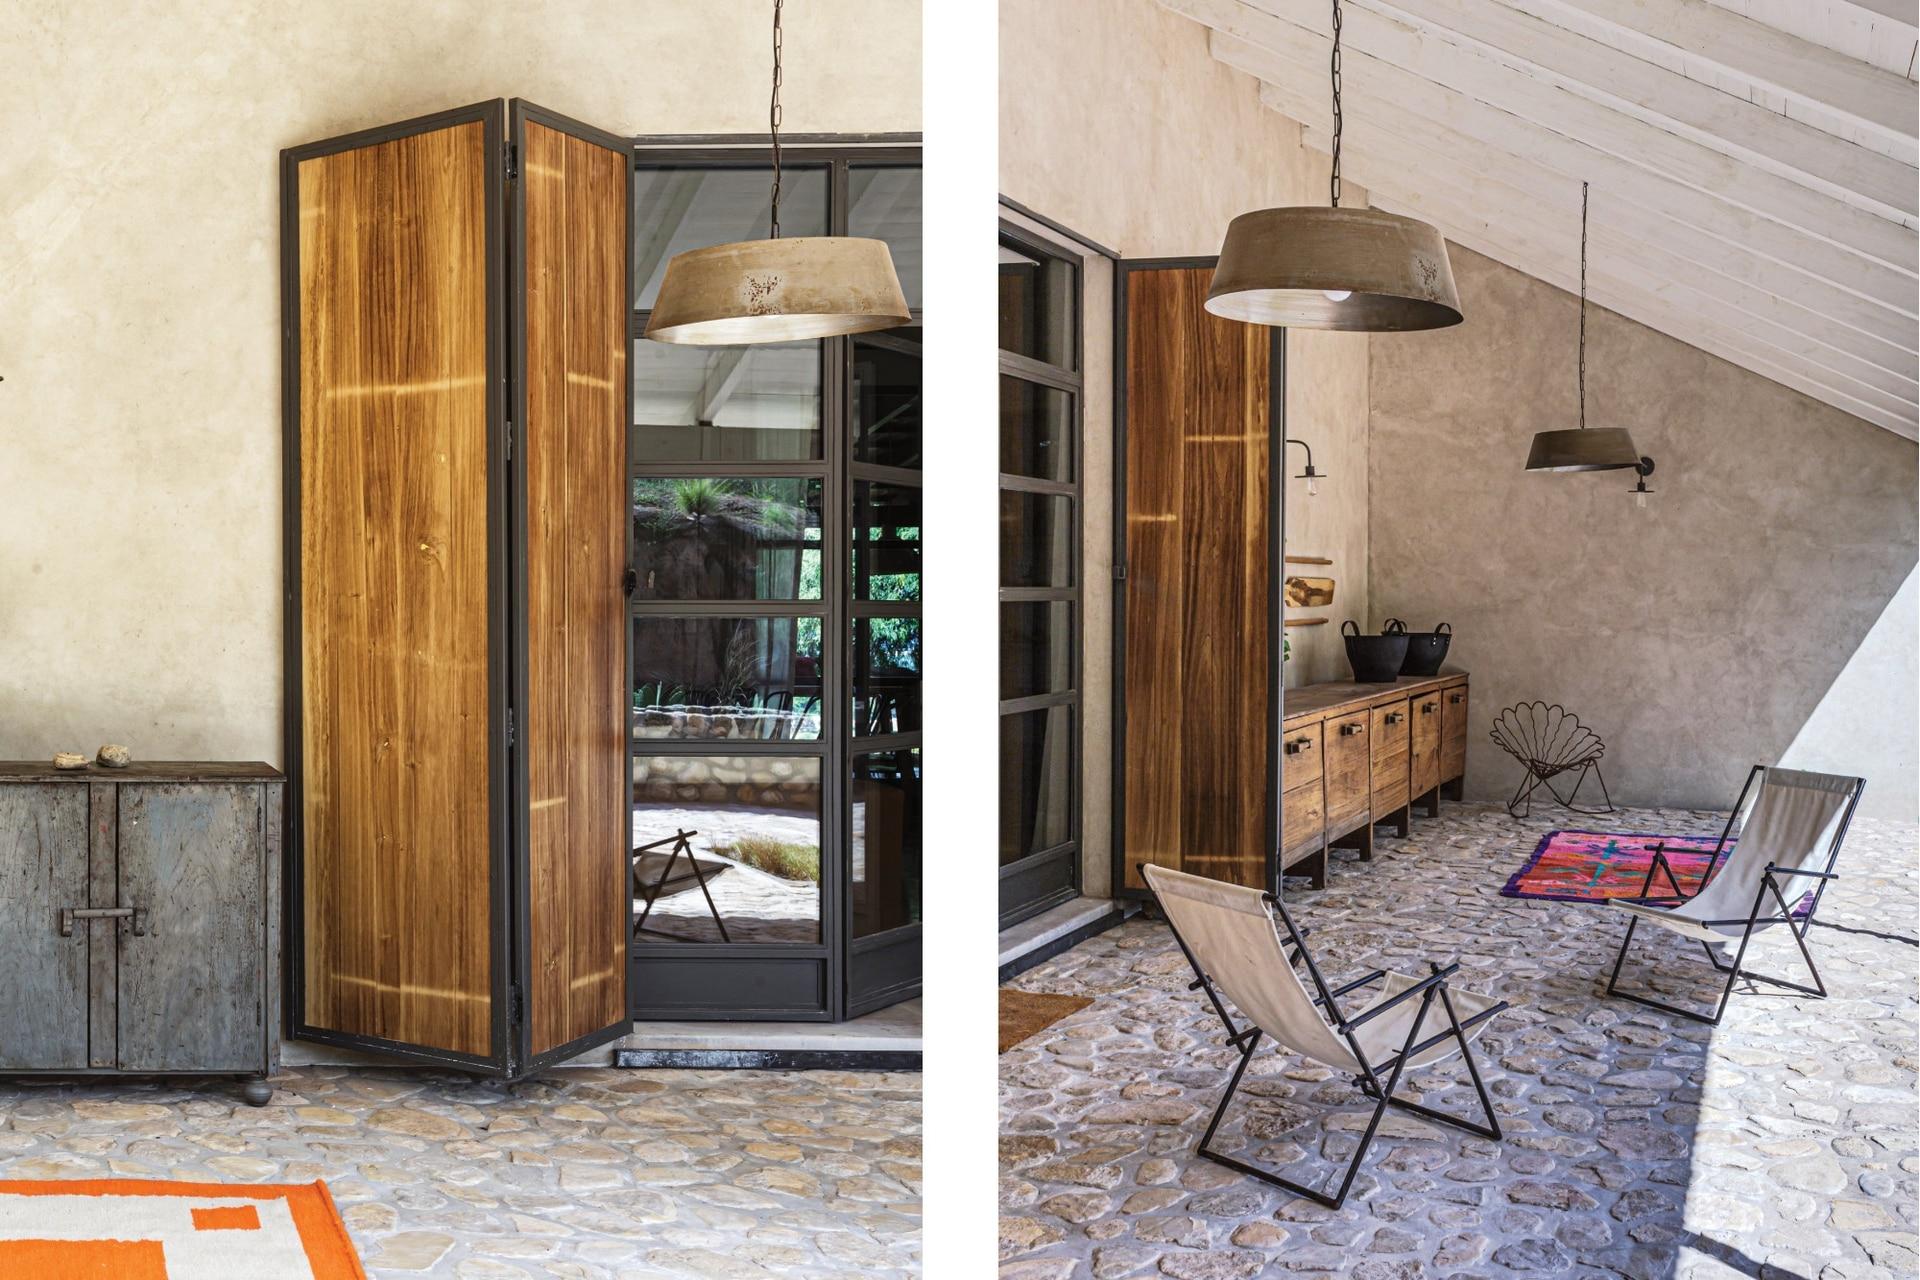 Pantallas hechas con palanganas de zinc, viejo mueble de panadería y alfombras (todo de Malena Ana).